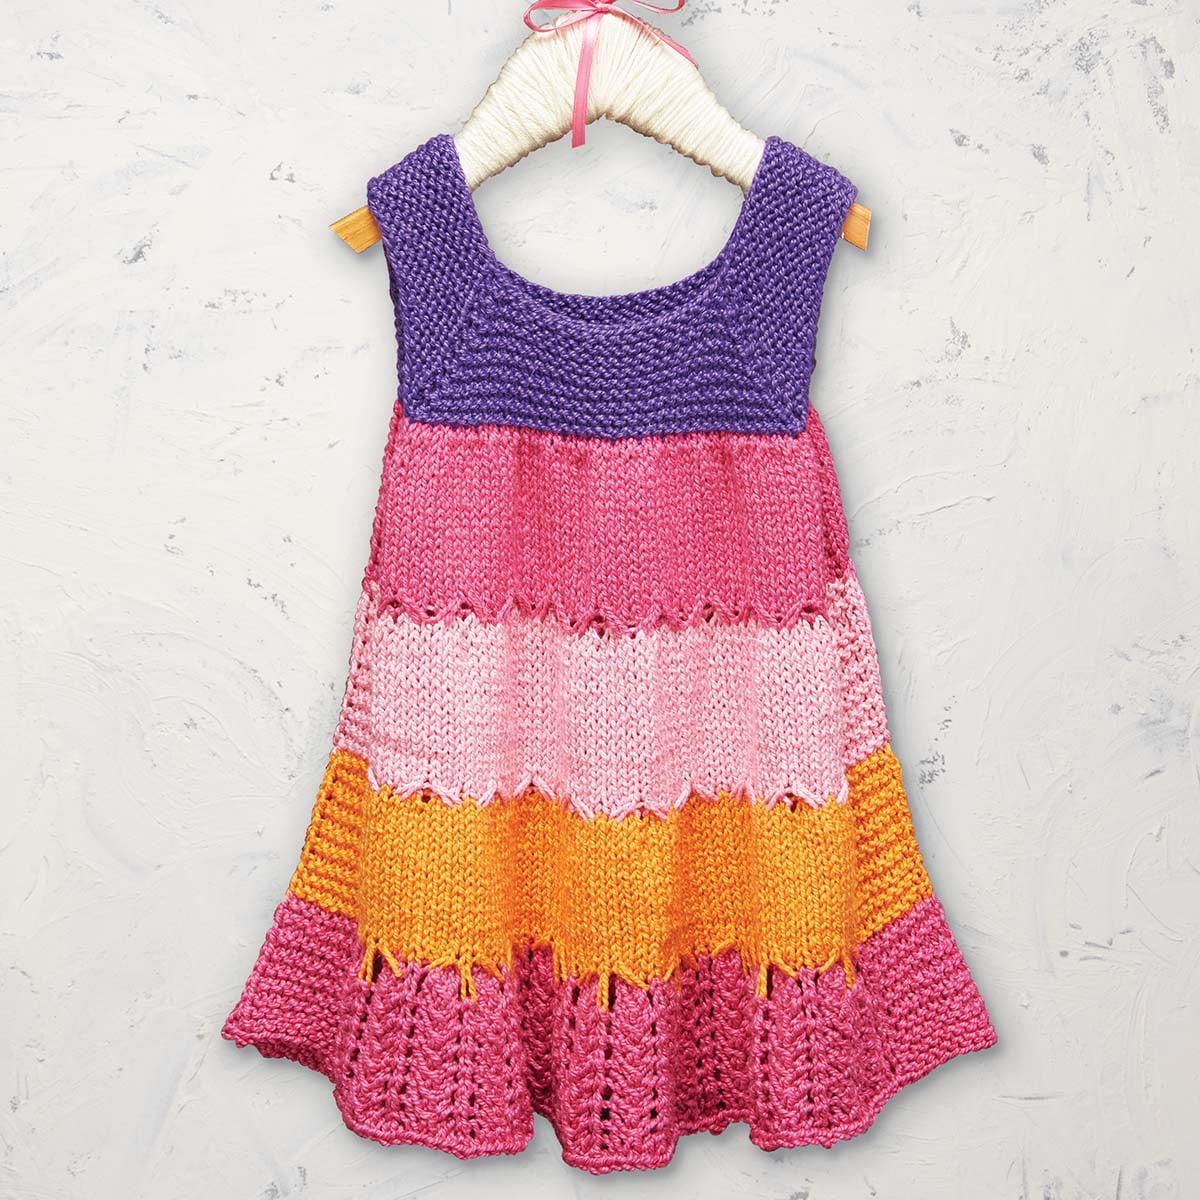 Lexie Dress Knit Pattern